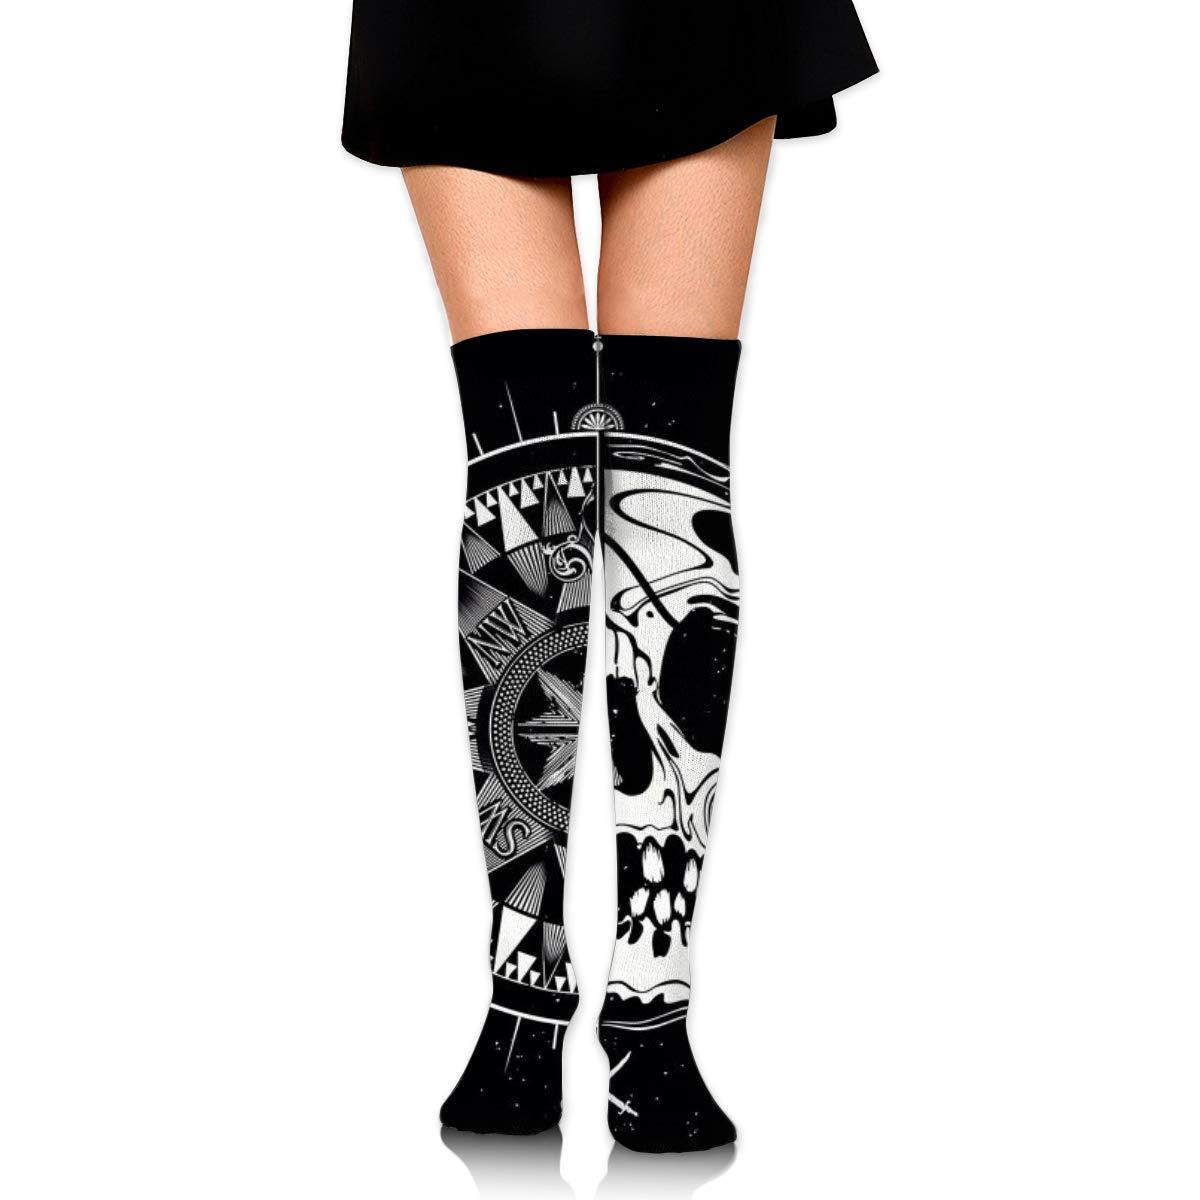 Kjaoi Girl Skirt Socks Uniform Compass Skull Women Tube Socks Compression Socks